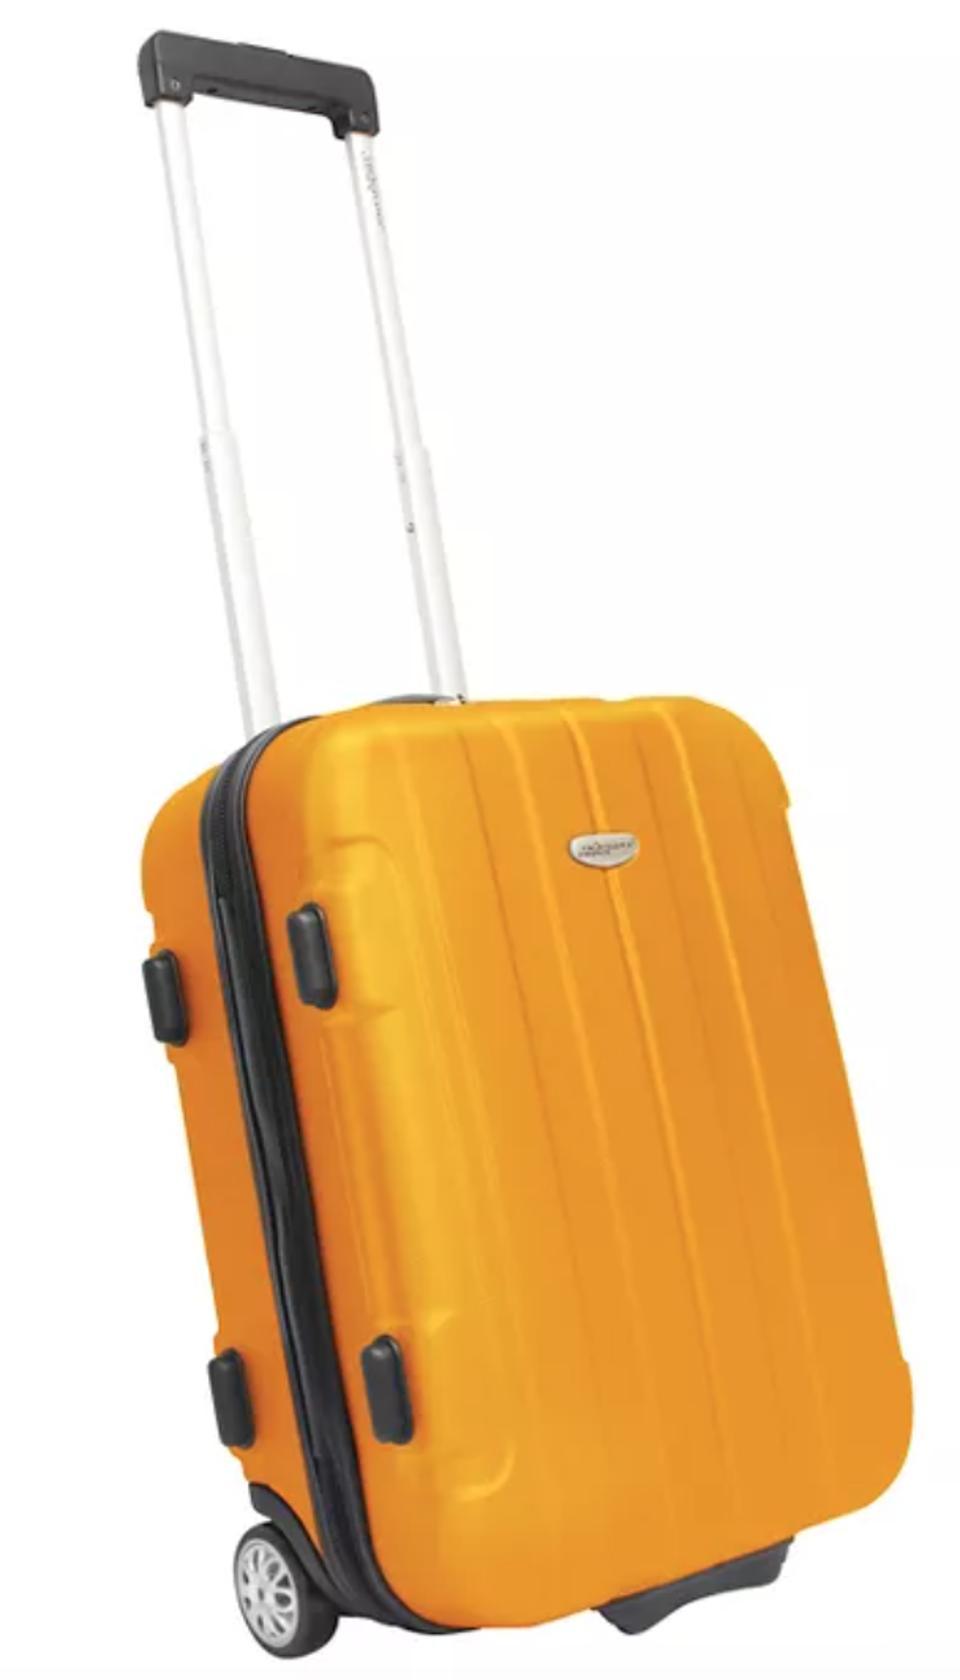 Traveler's Choice Rome 21 Hardside Carry On Suitcase - Orange